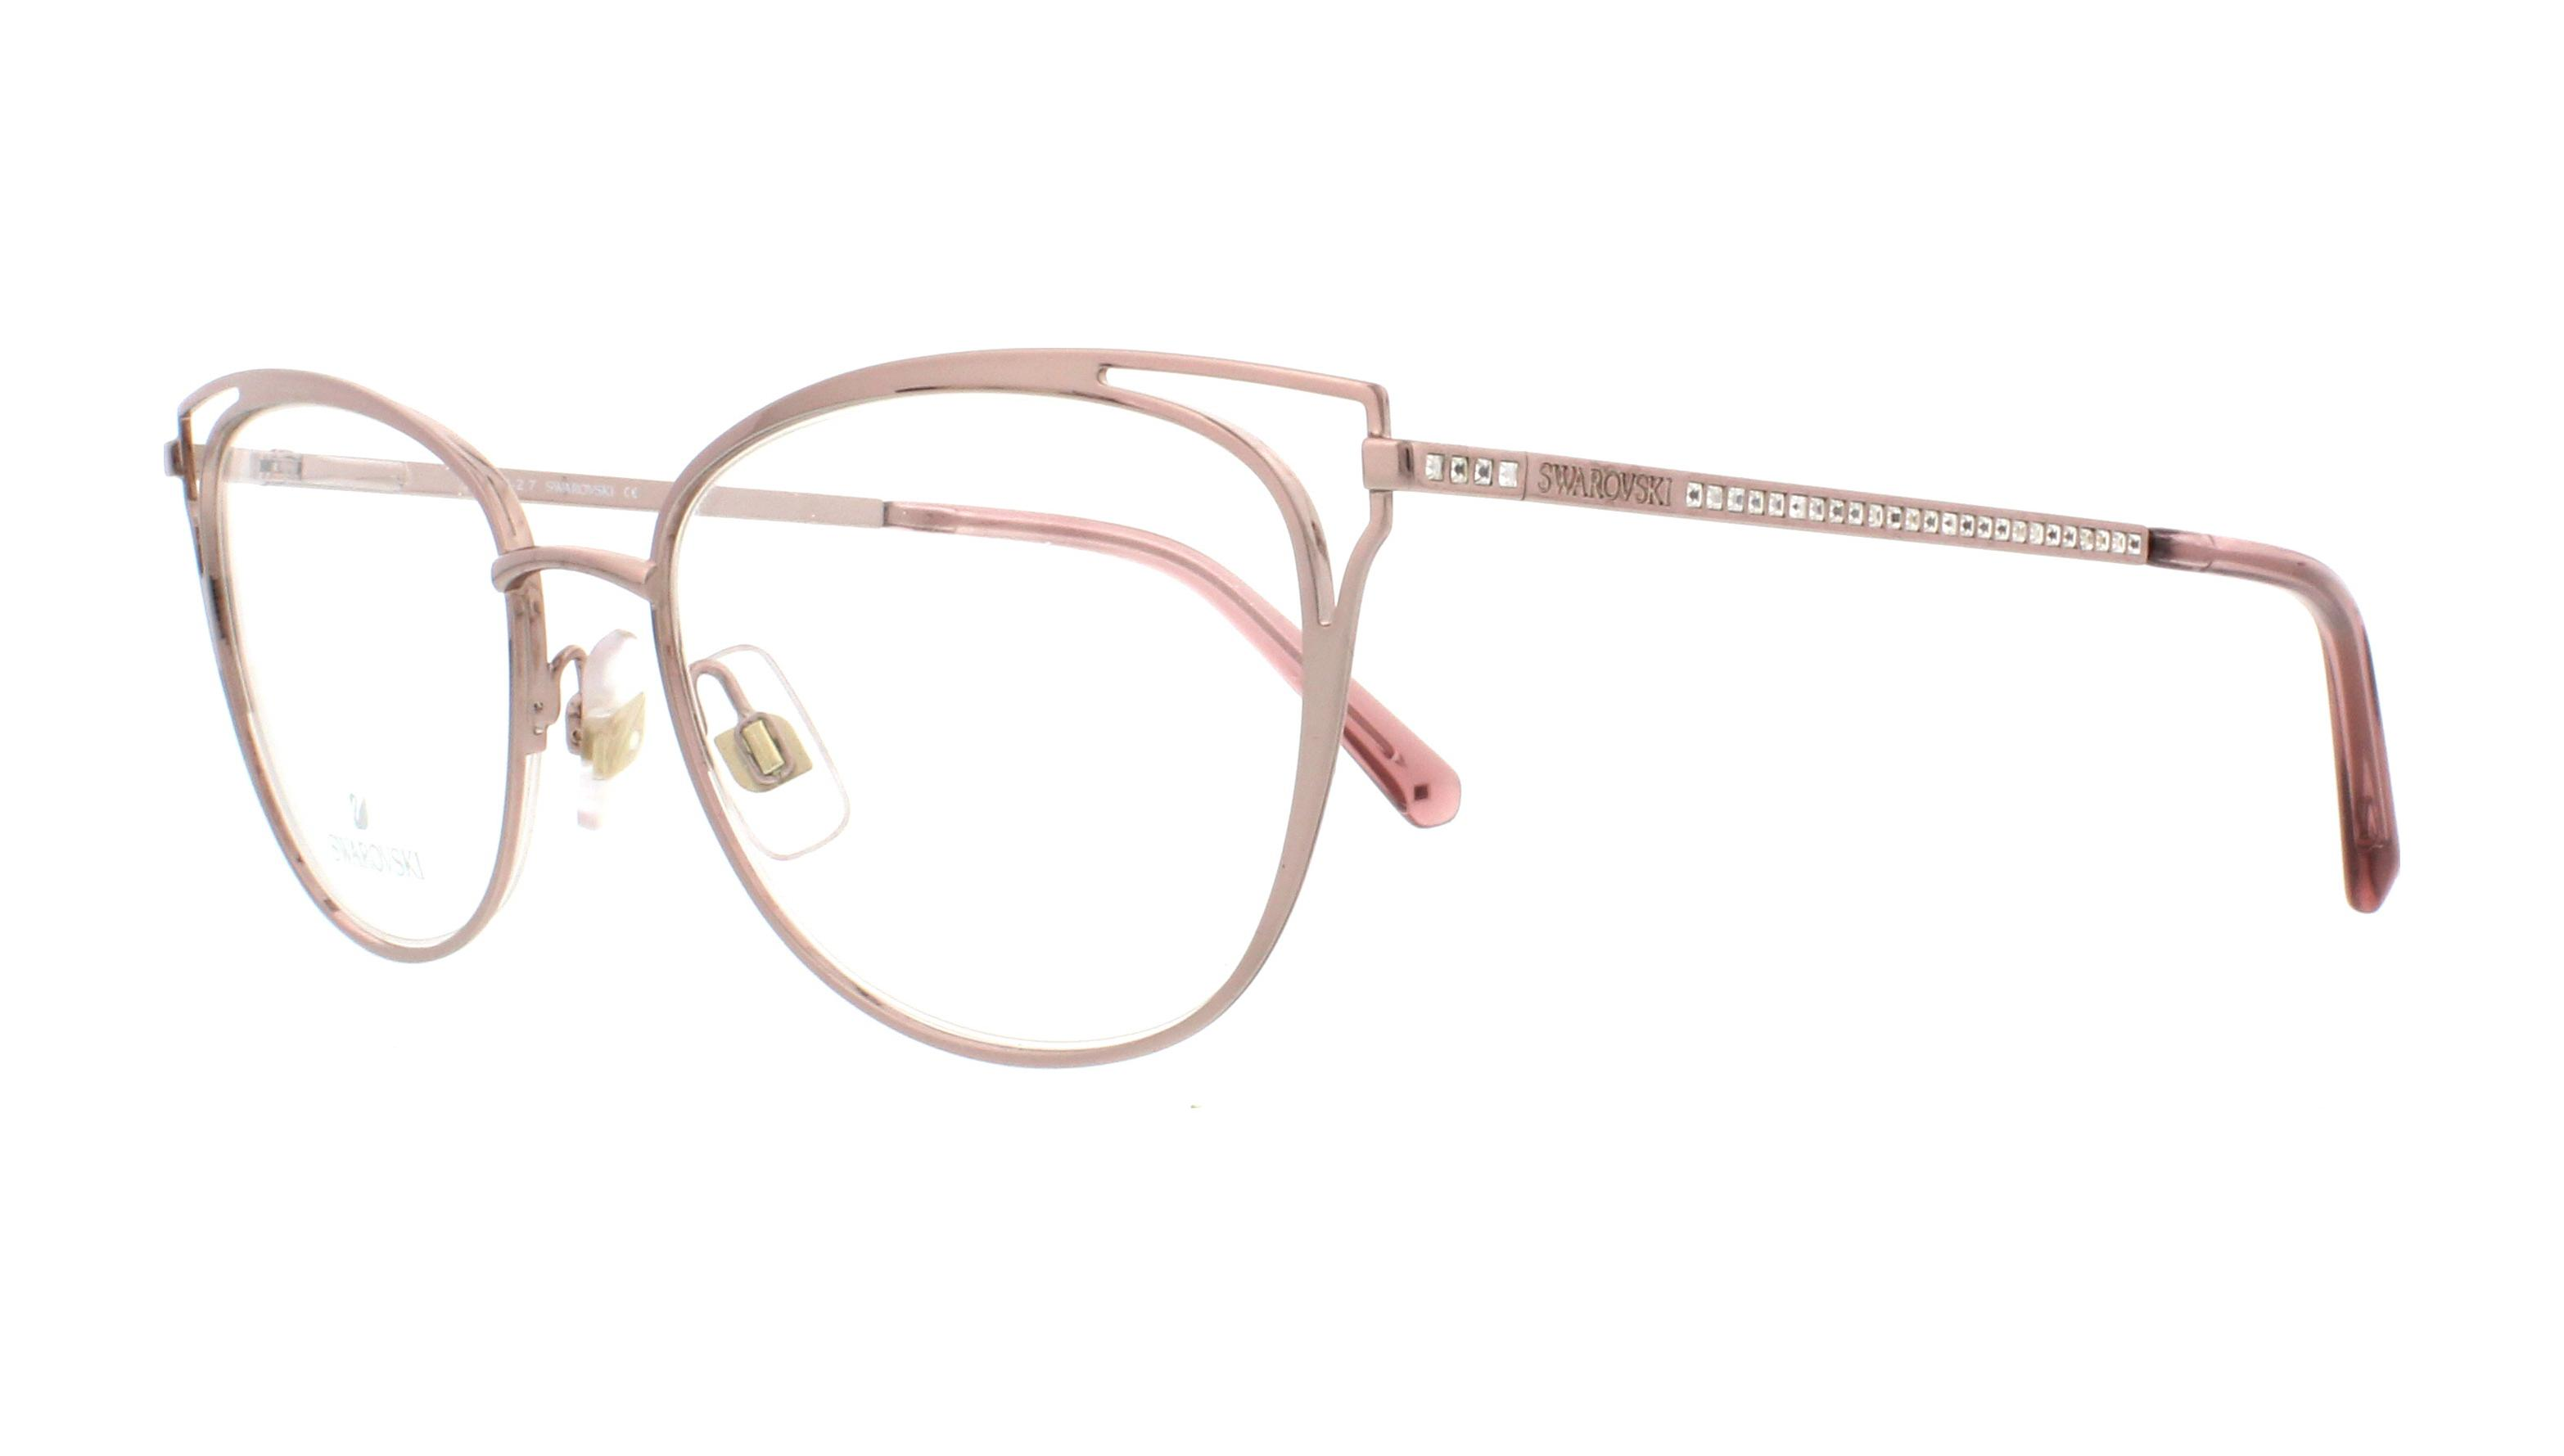 9fc562ecc583 SWAROVSKI Eyeglasses SK5260 072 Shiny Pink 52MM 664689950089